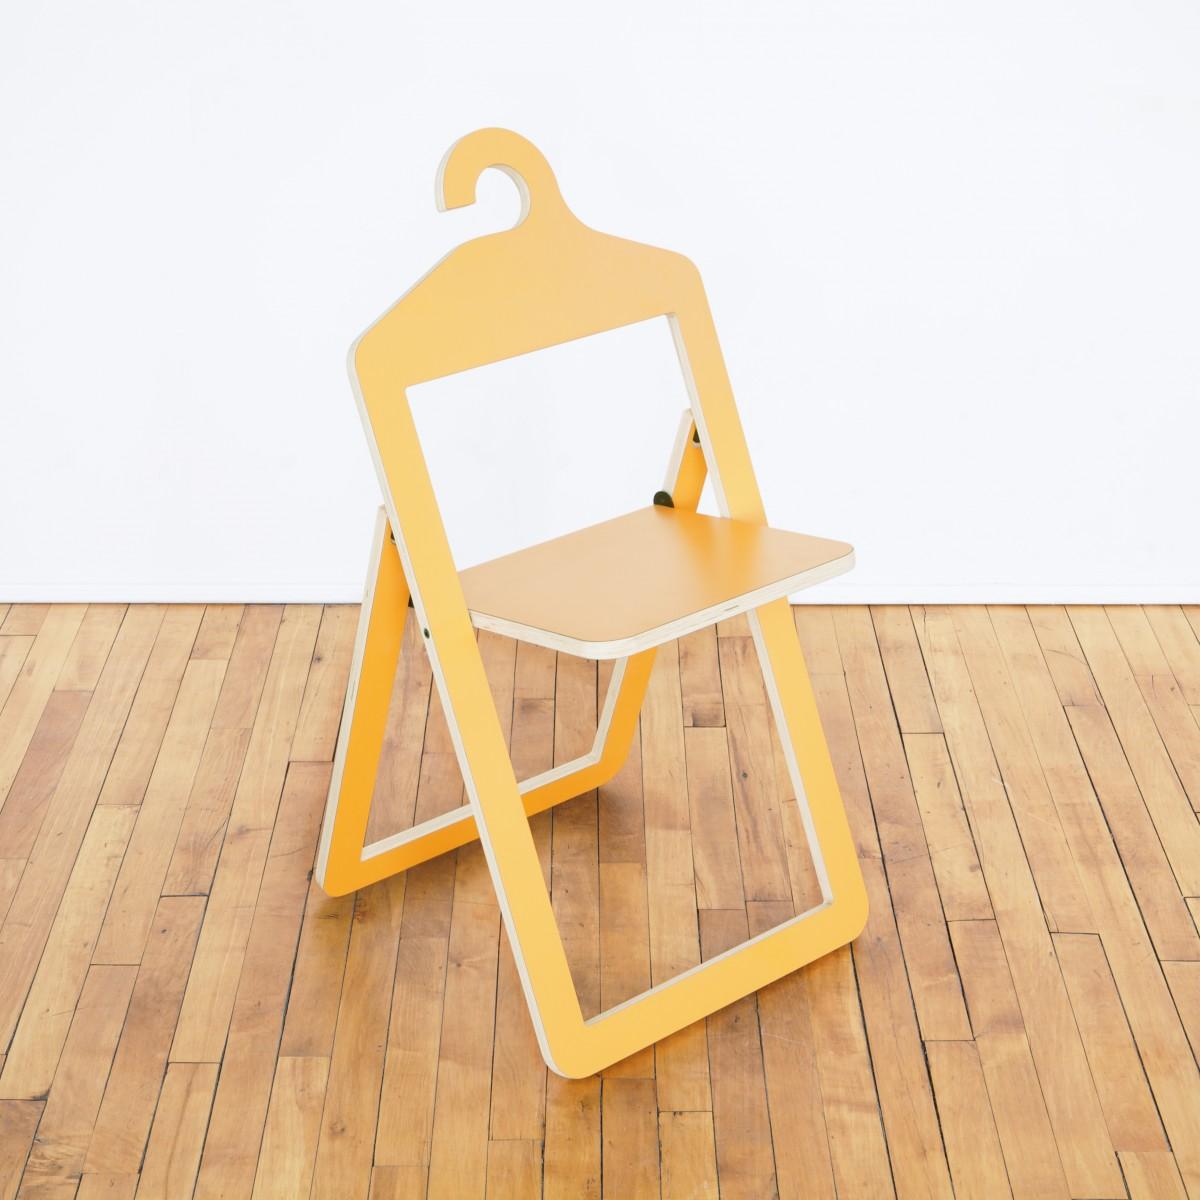 880260-180-hanger-chair-orange-hero-001_2_1.jpg